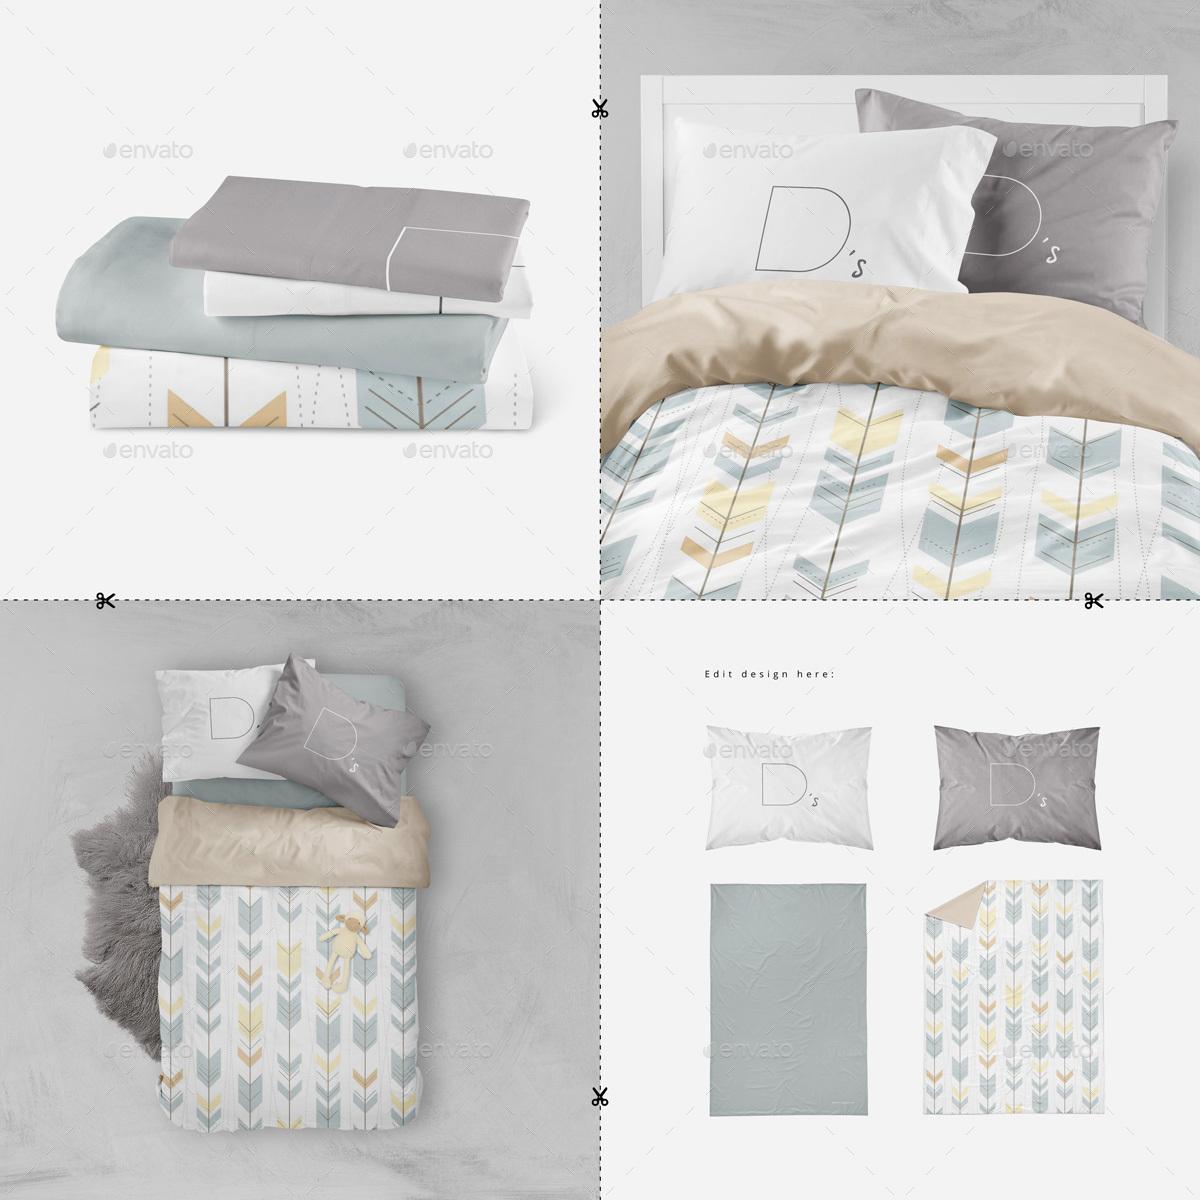 Bedding Multiboard Mockup By Dennysmockups Graphicriver